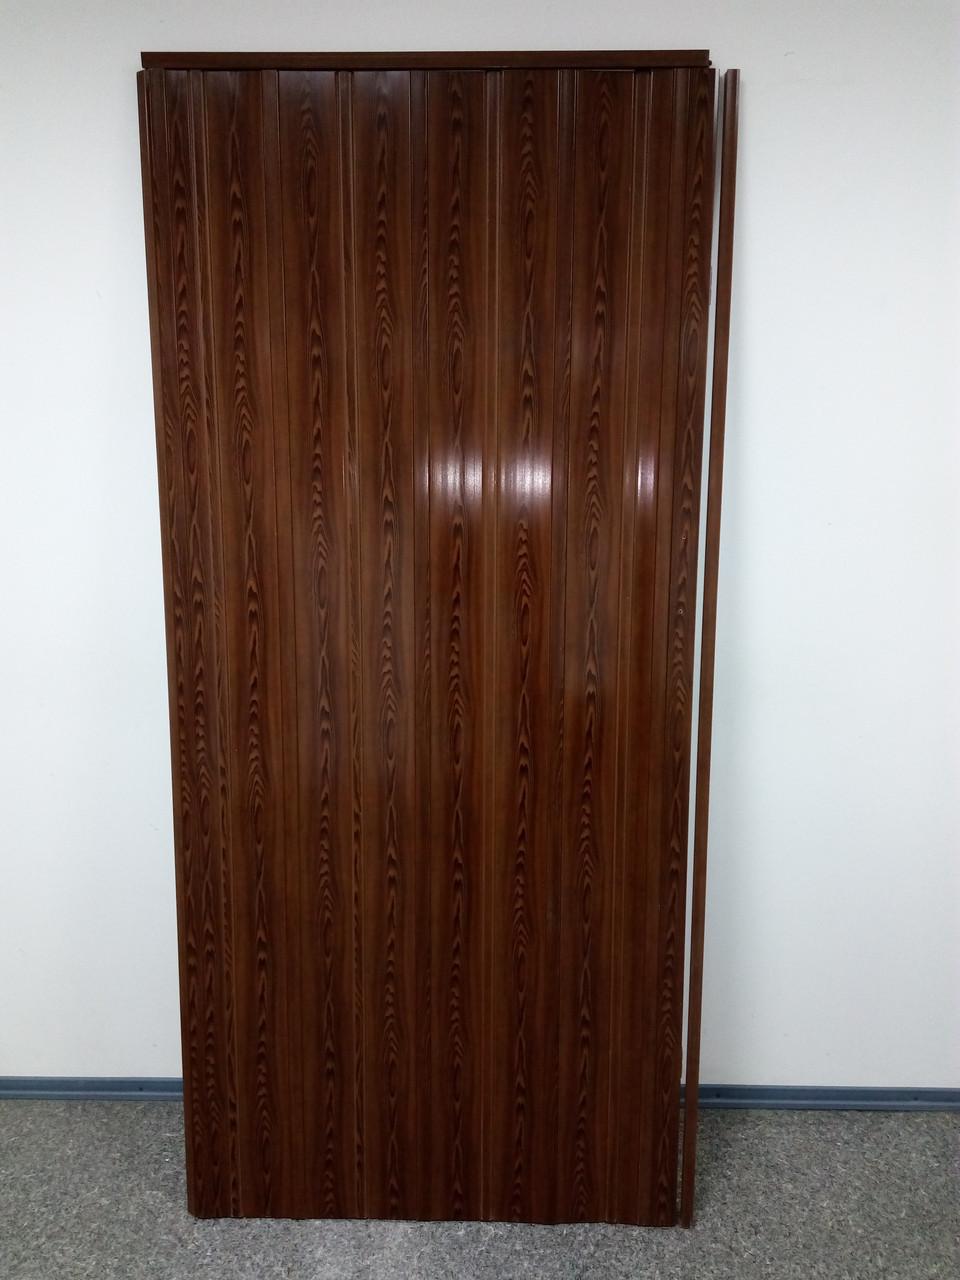 Дверь гармошка глухая ЭЛИТ, 6012 дуб рустик, 880х2030х10 мм